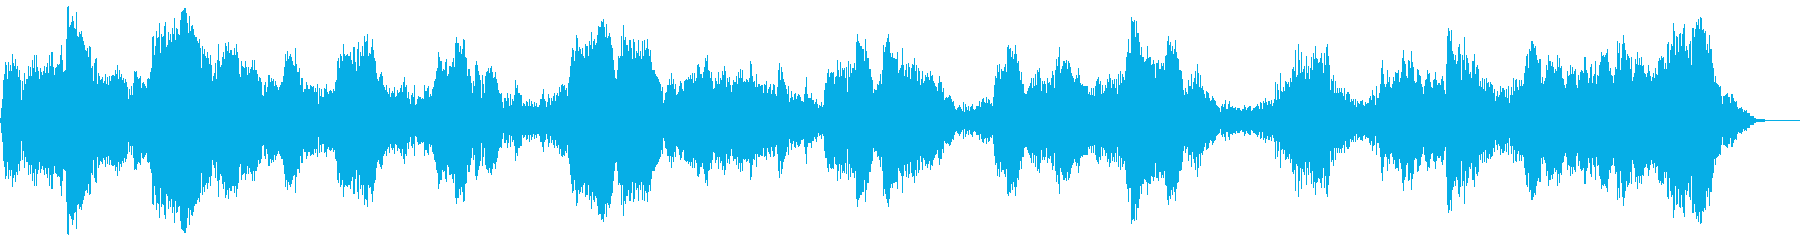 背景音 ホラー3の再生済みの波形